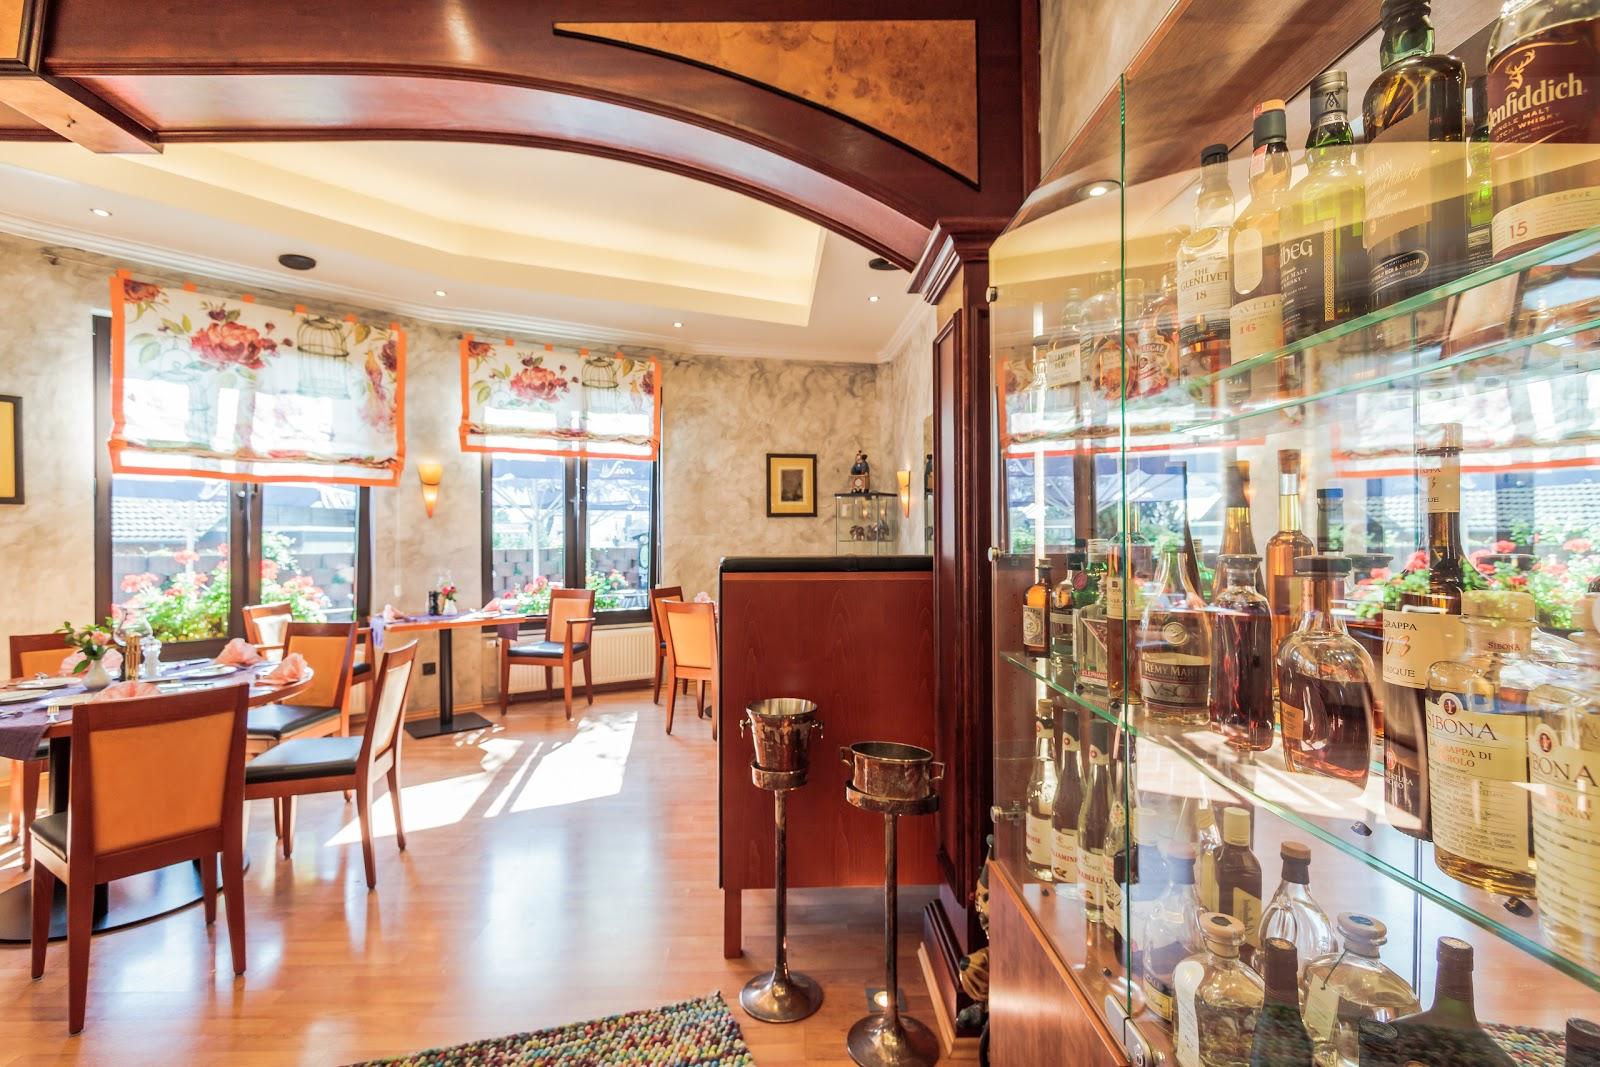 hotel restaurant kasserolle siegburg deutschland tripcarta. Black Bedroom Furniture Sets. Home Design Ideas